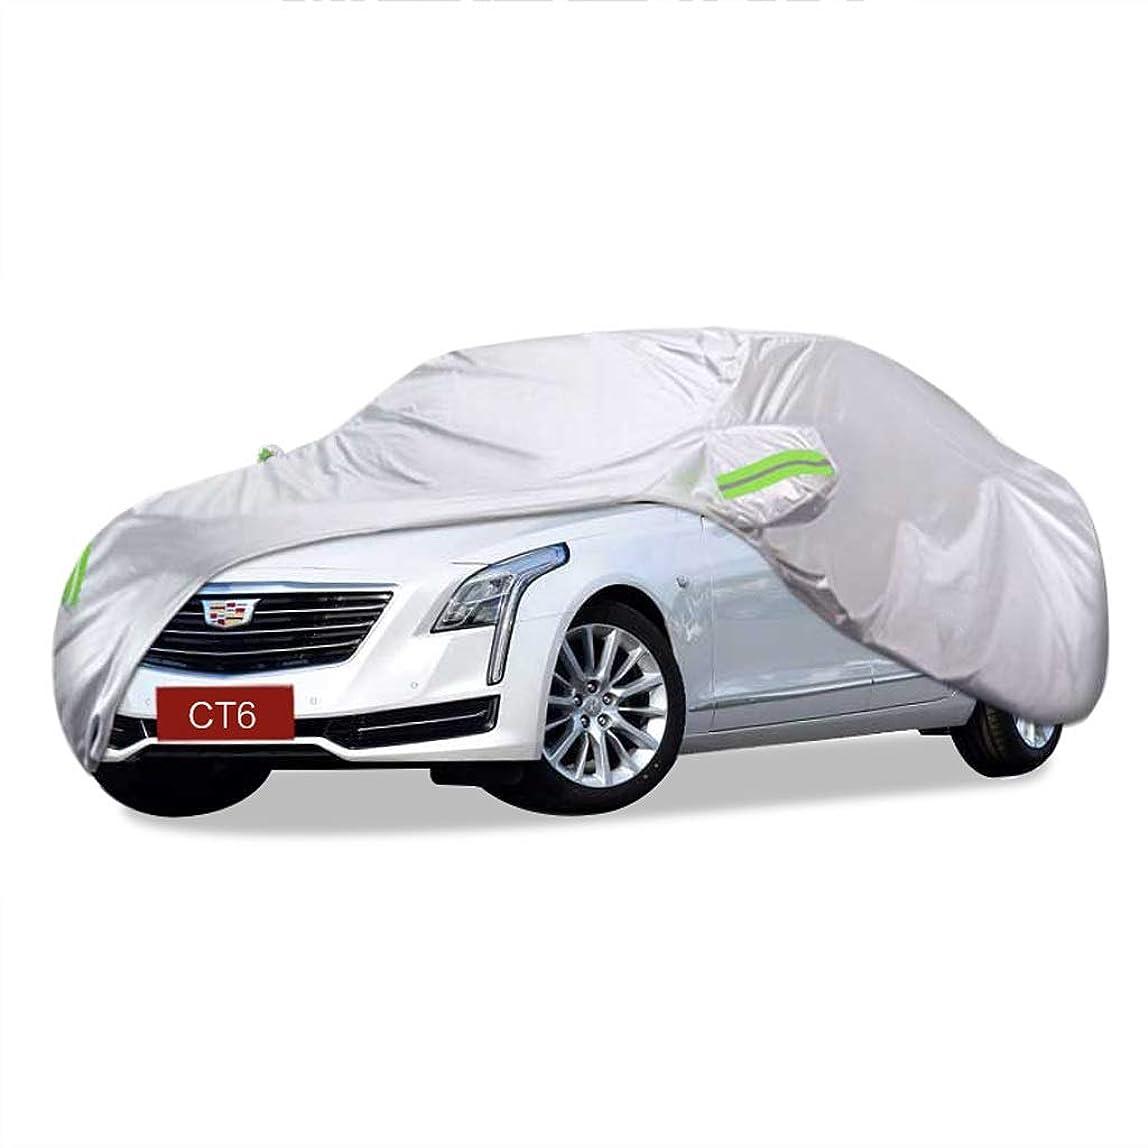 無秩序びっくりトランペットSXET-車のカバー 車のカバーダストカバーキャデラックCT6特殊フロントガラス防水傷防止UV保護オックスフォード布 (サイズ さいず : 2016 CT6)